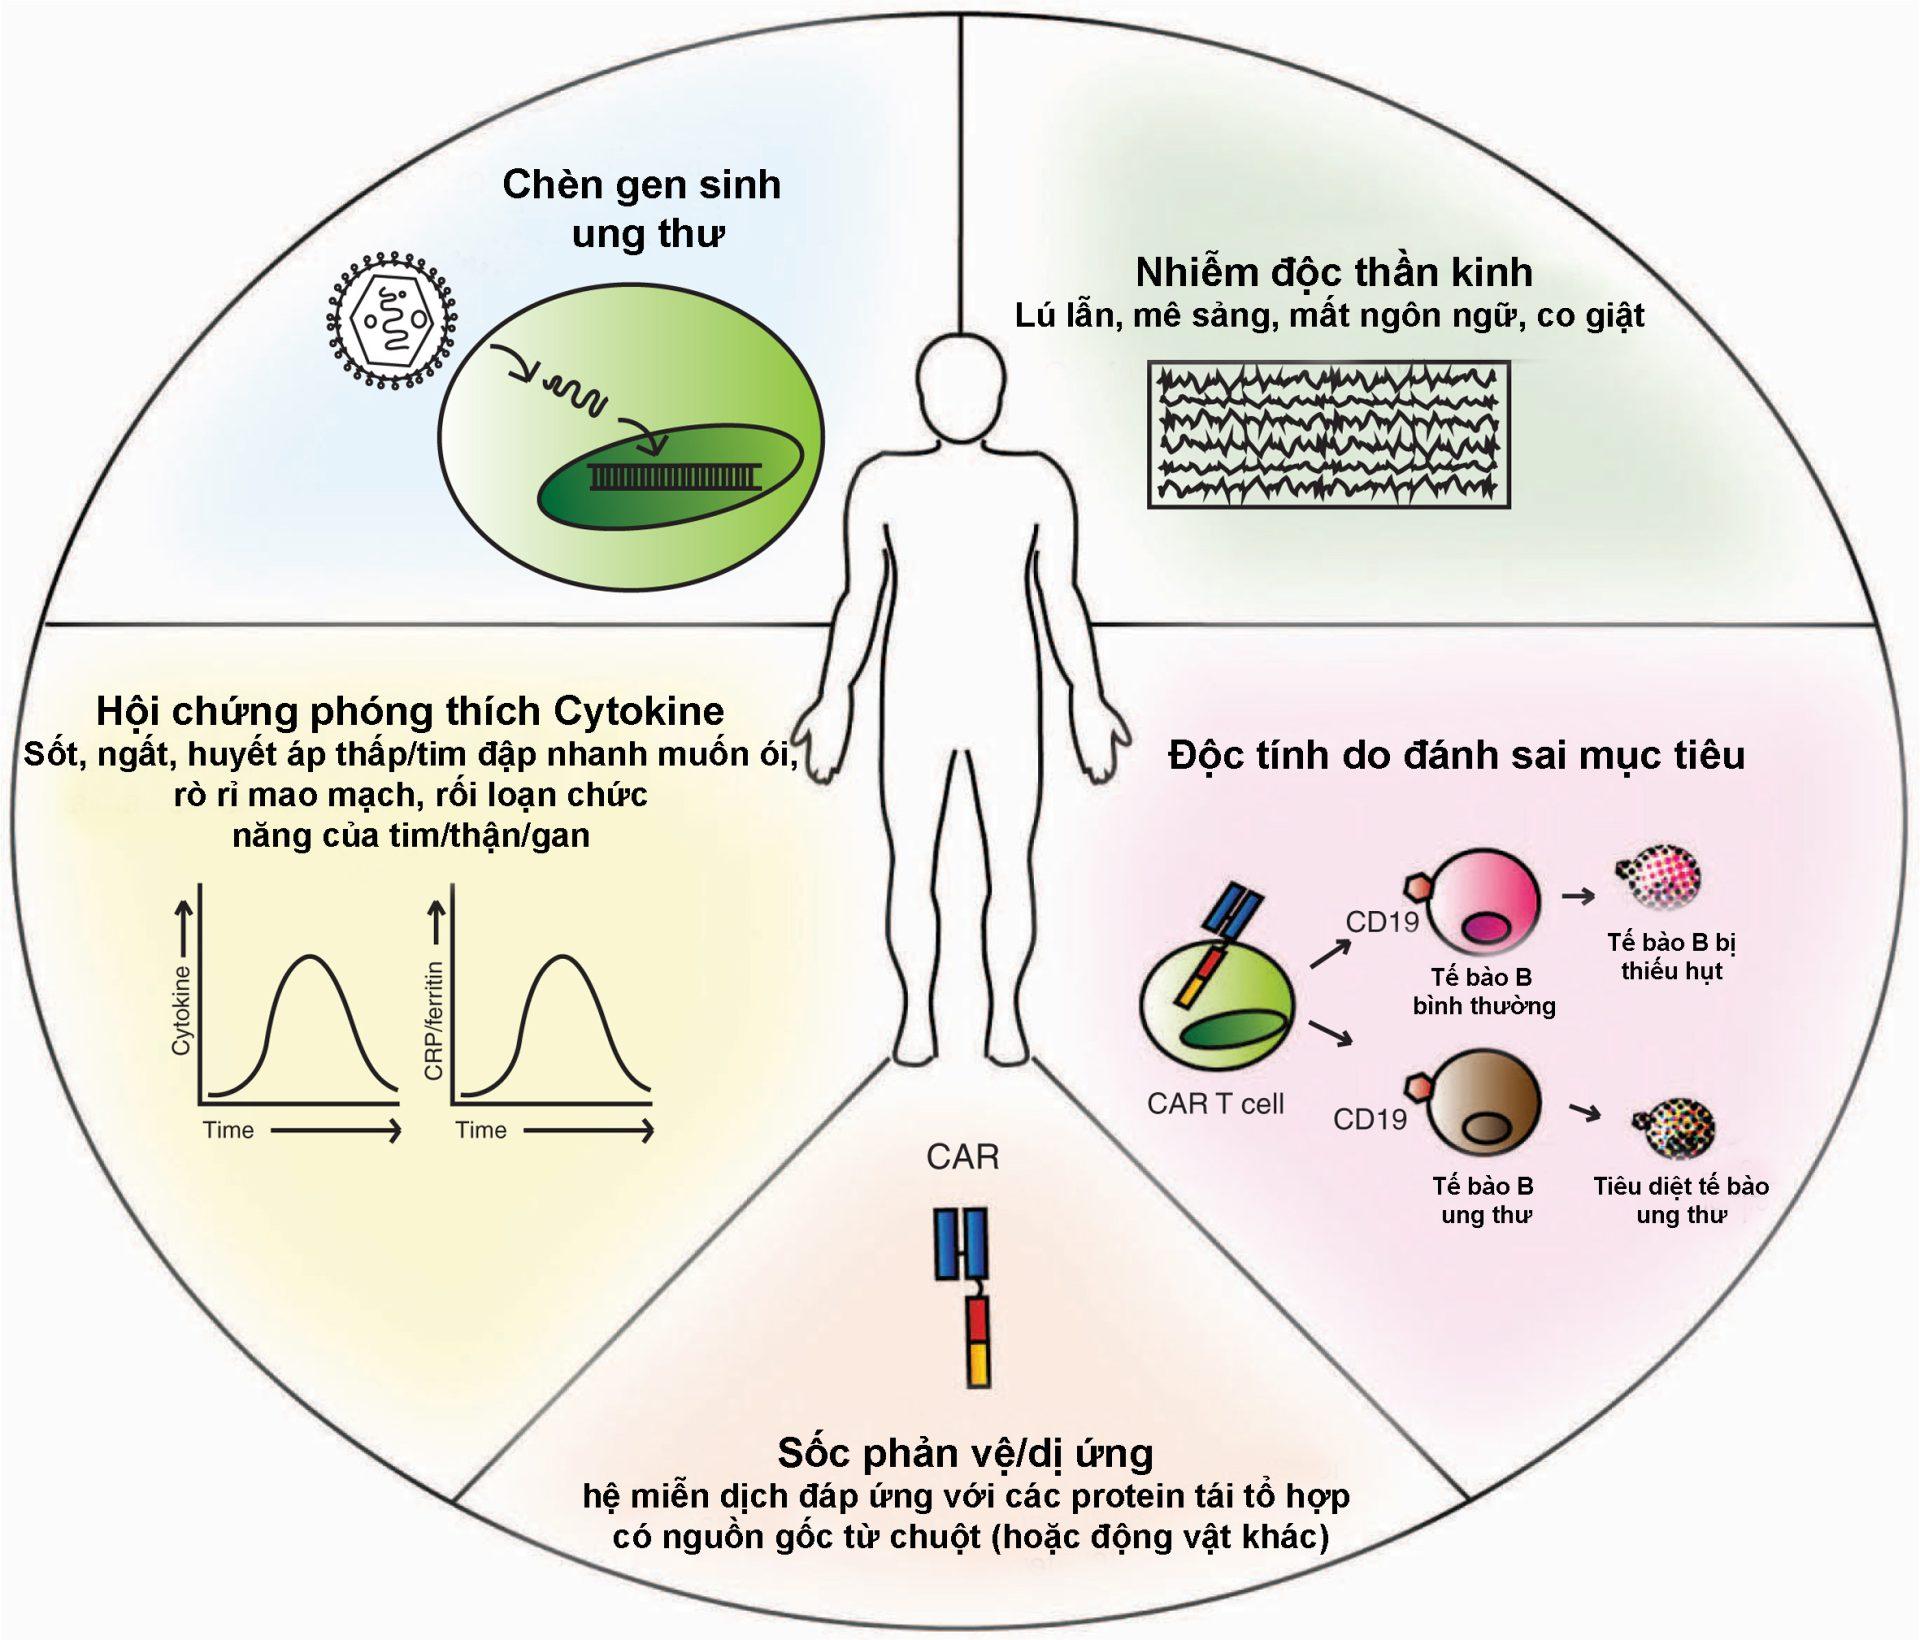 Tác dụng phụ của điều trị ung thư bằng phương pháp miễn dịch